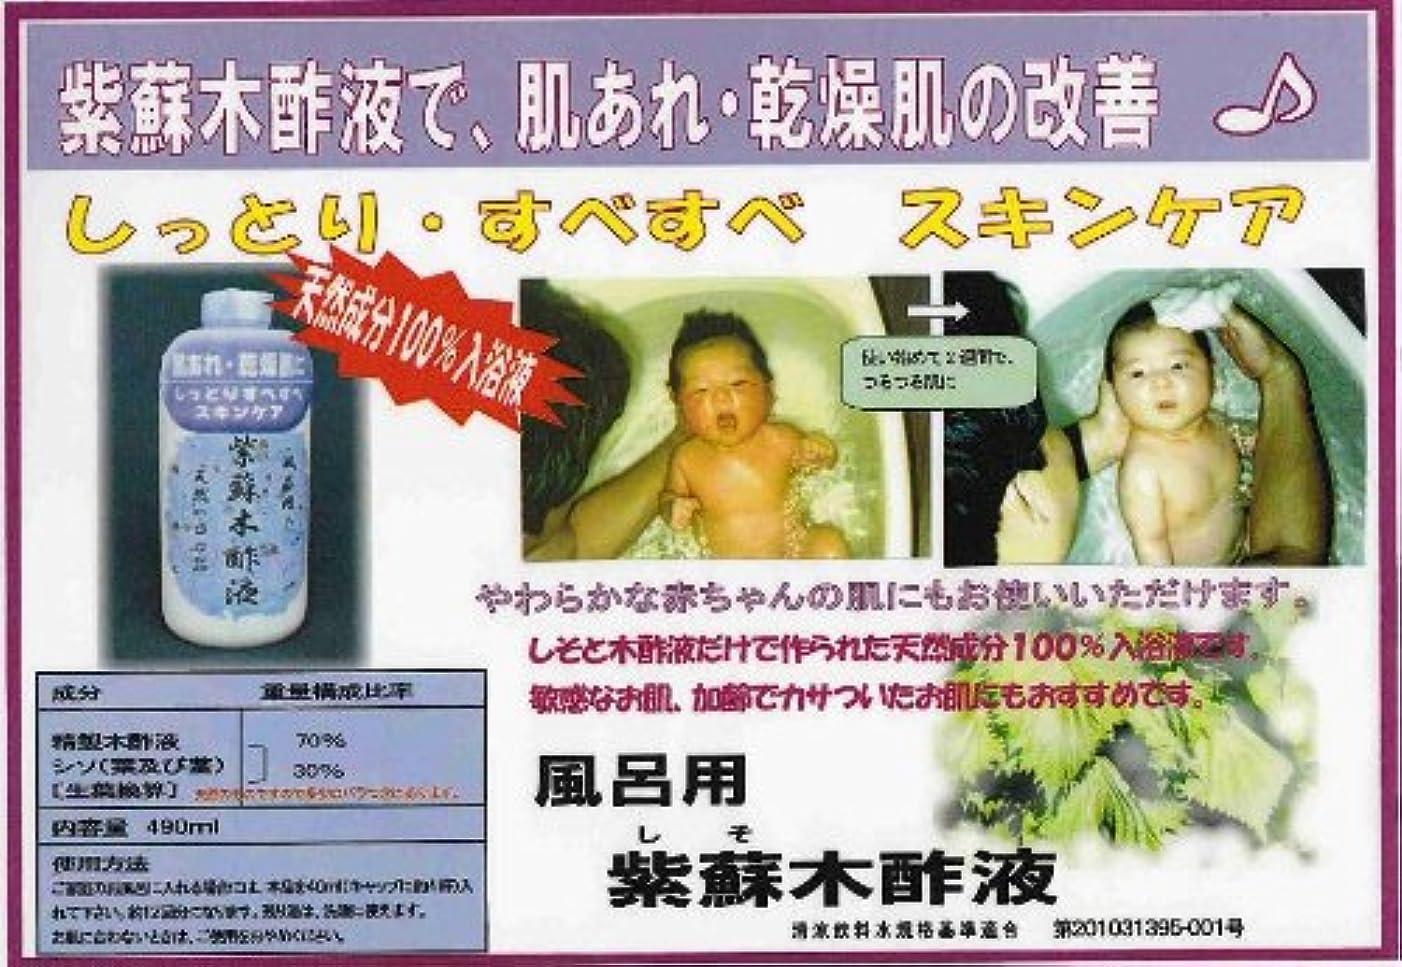 管理しますハム後悔風呂用 紫蘇木酢液 天然100% 490ml【3個セット】